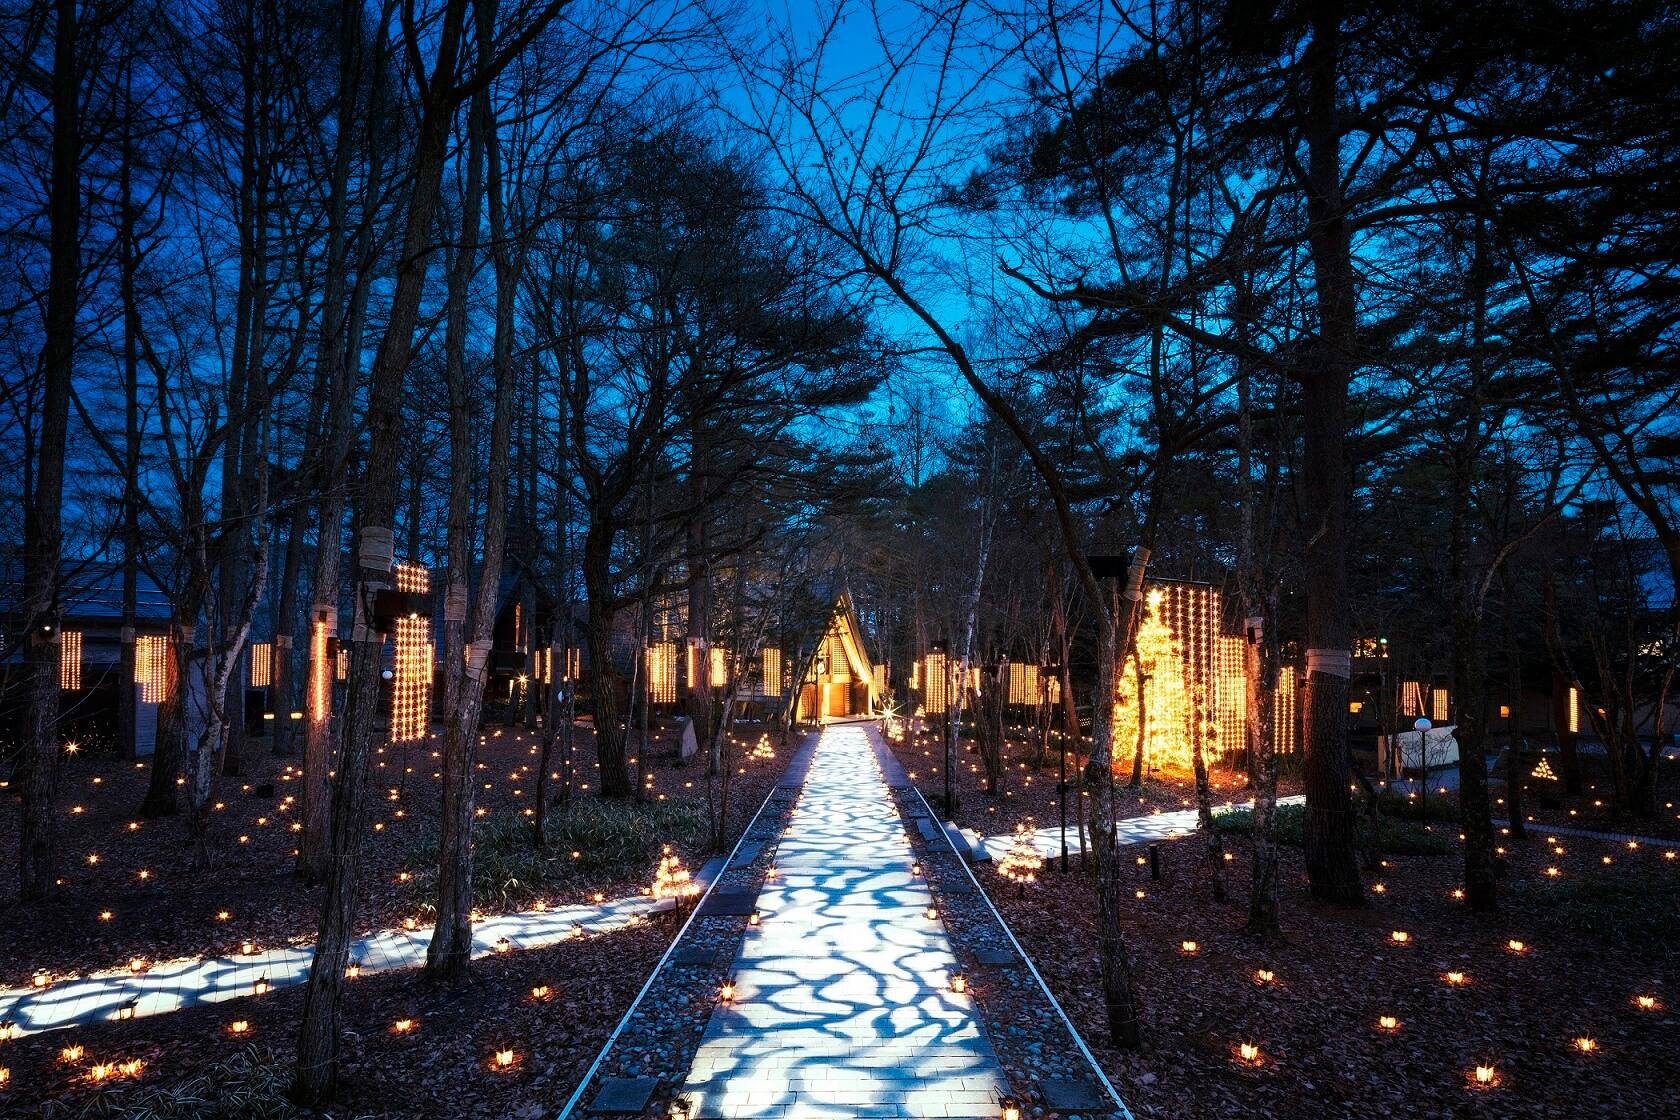 輕井澤高原教會舉辦「聖誕蠟燭之夜 2018」 在軽井沢、聖誕節、